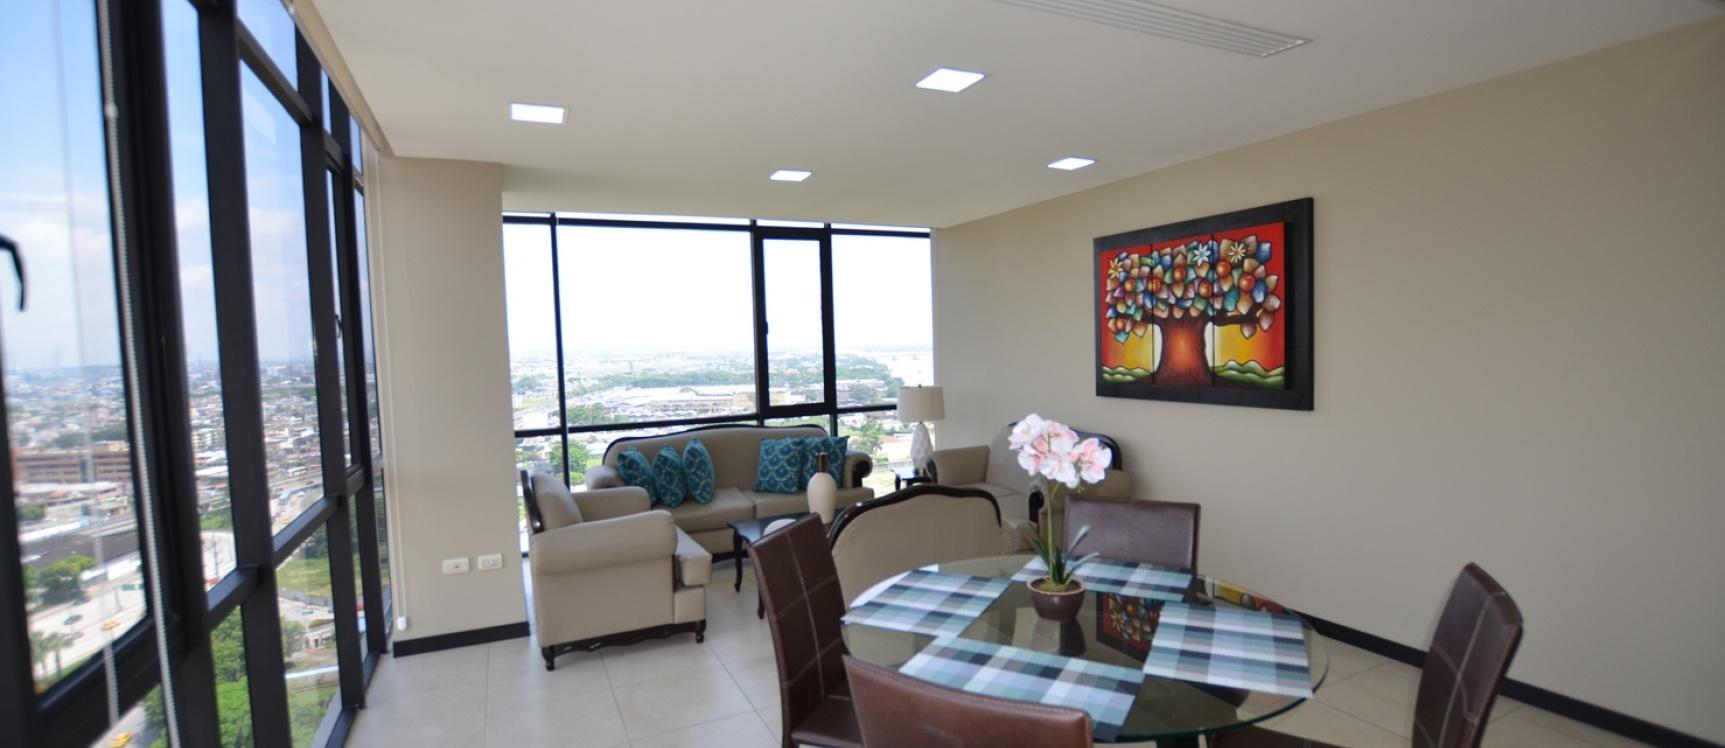 GeoBienes - Departamento en alquiler Edificio Bellini IV centro de Guayaquil - Plusvalia Guayaquil Casas de venta y alquiler Inmobiliaria Ecuador